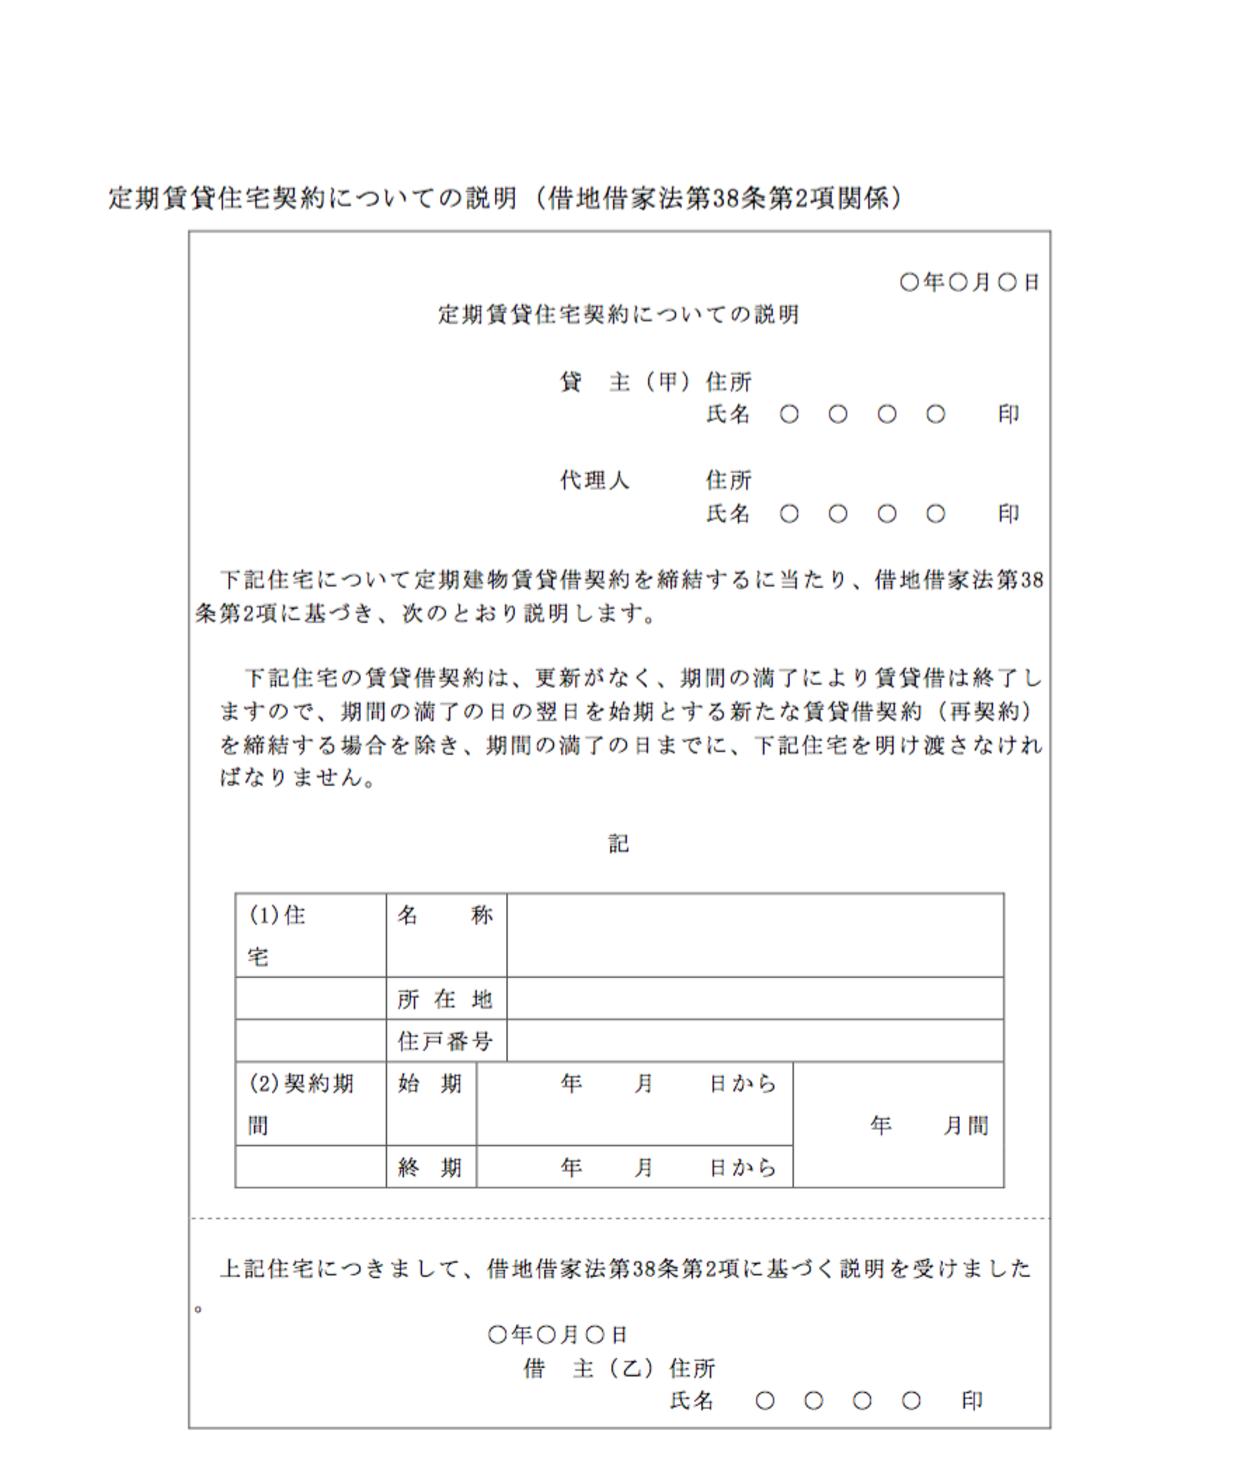 定期借家契約 38条2項の書面